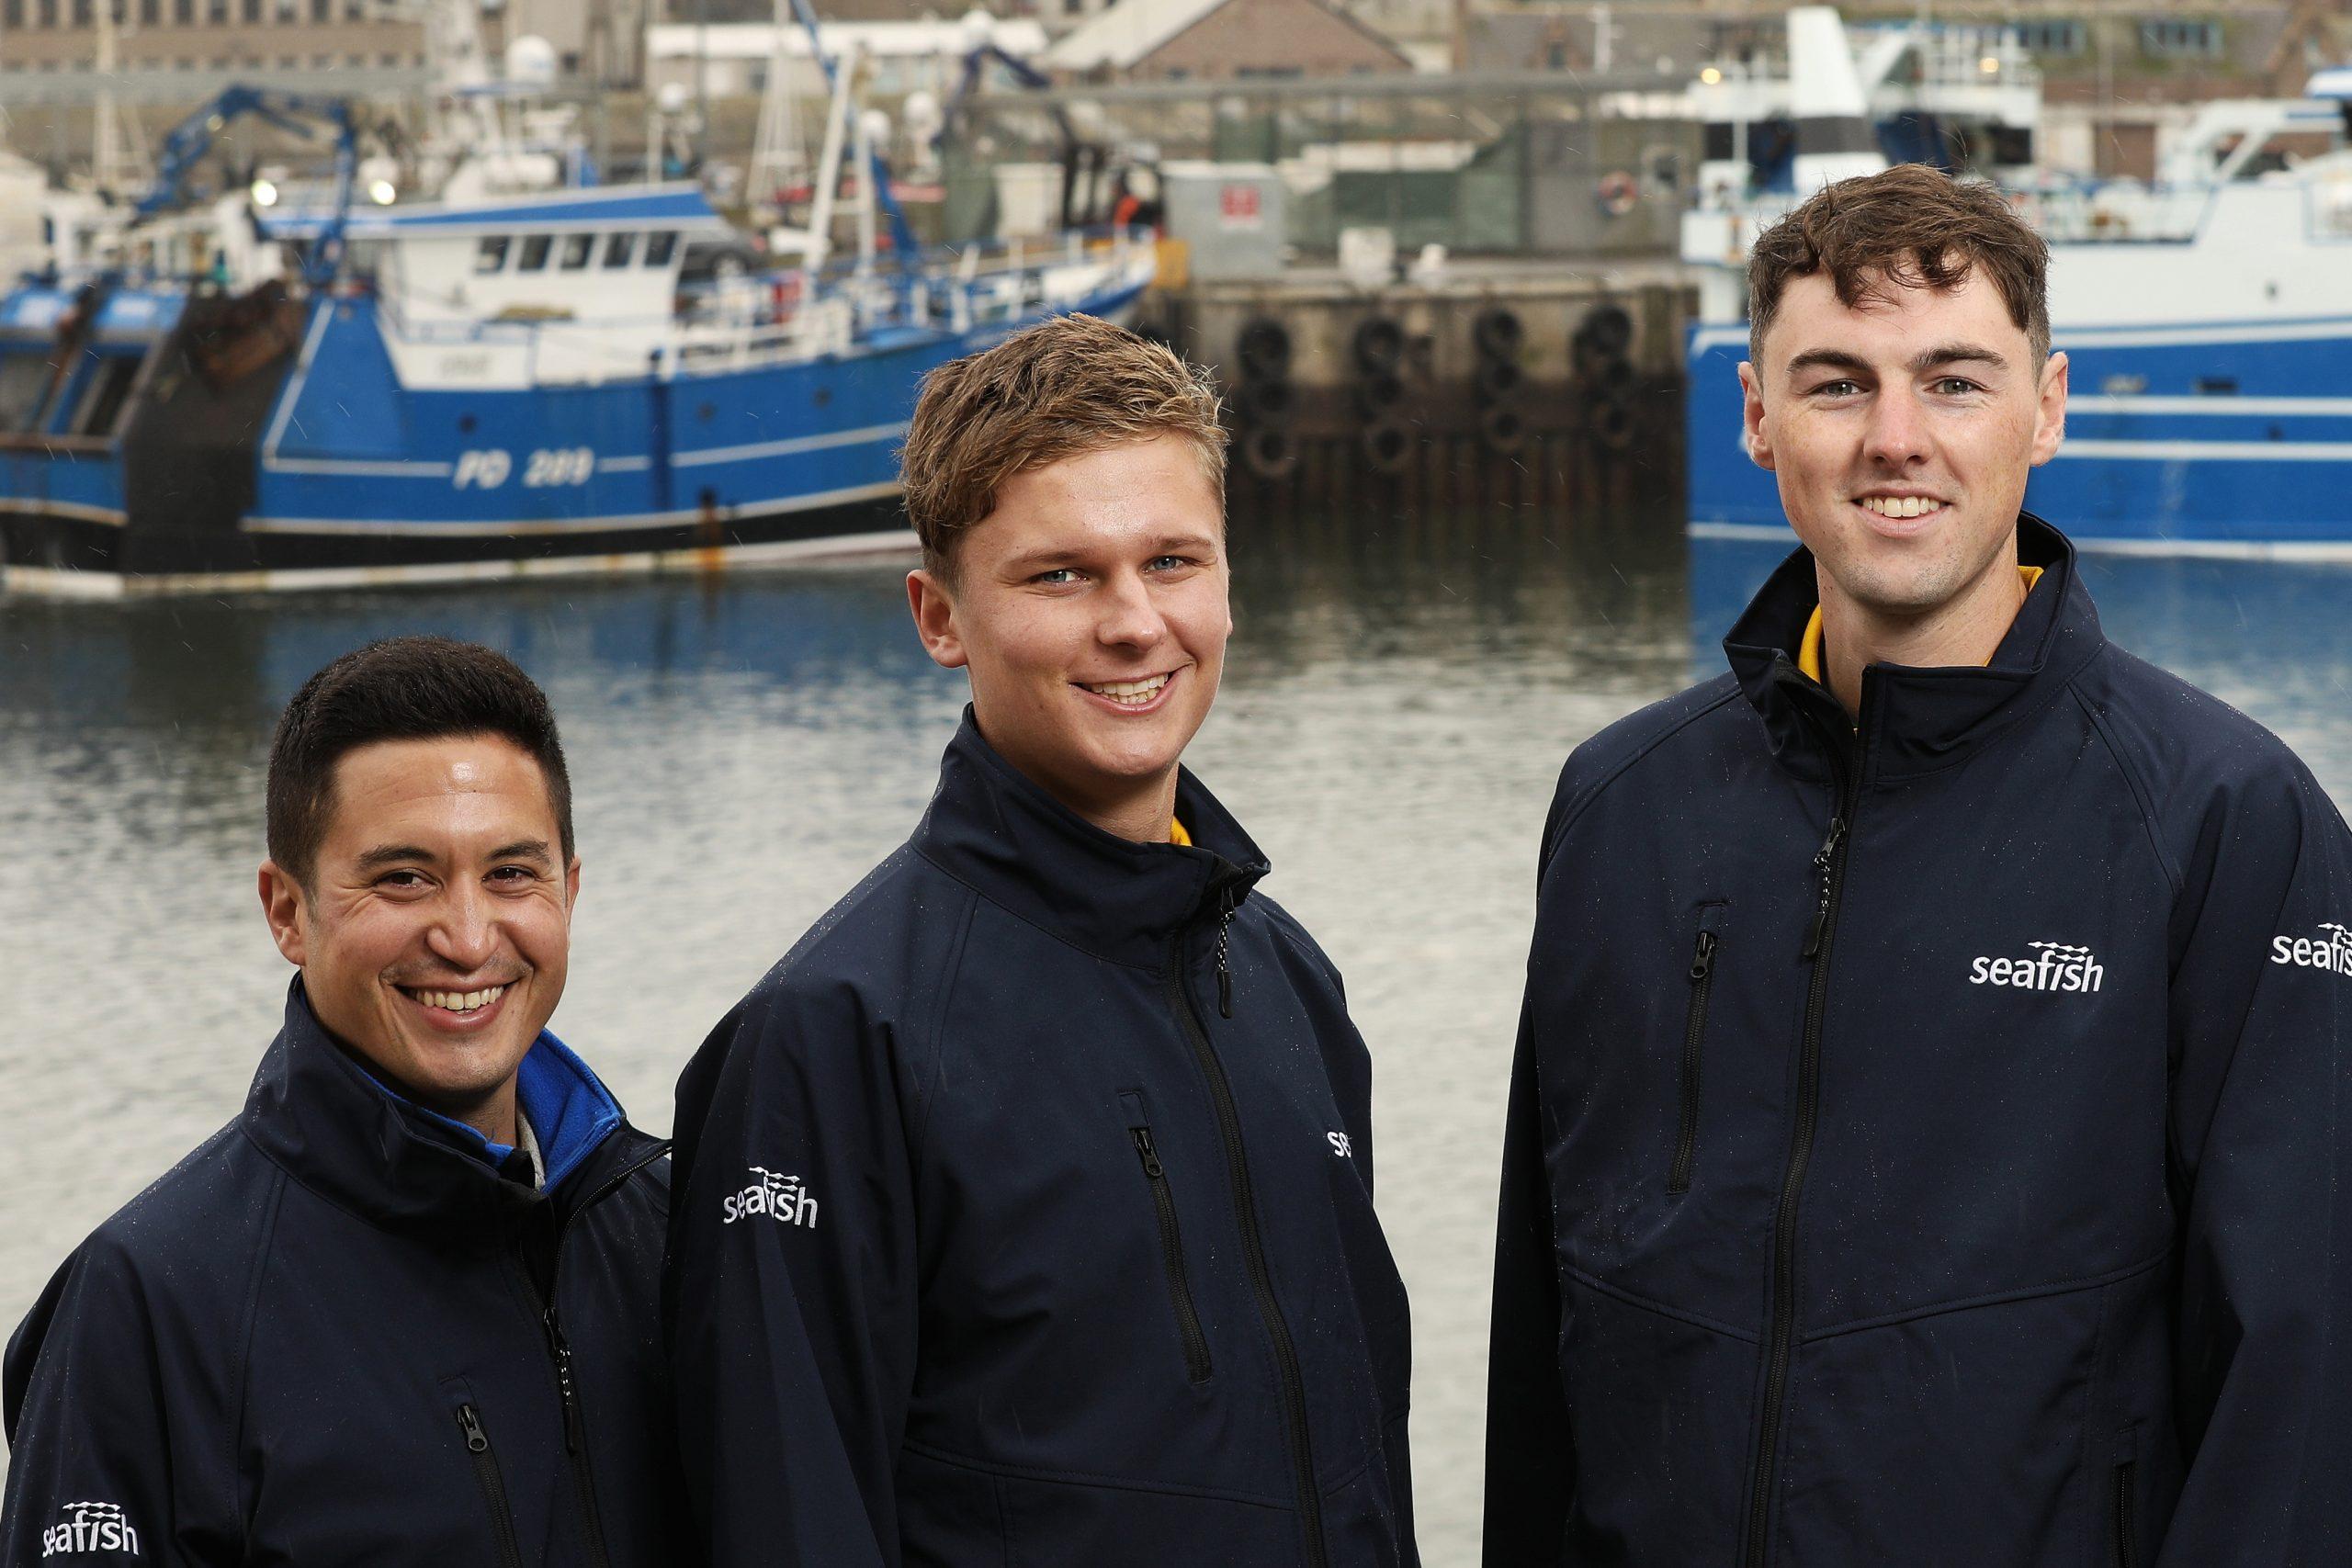 Sea - Research News Scotland